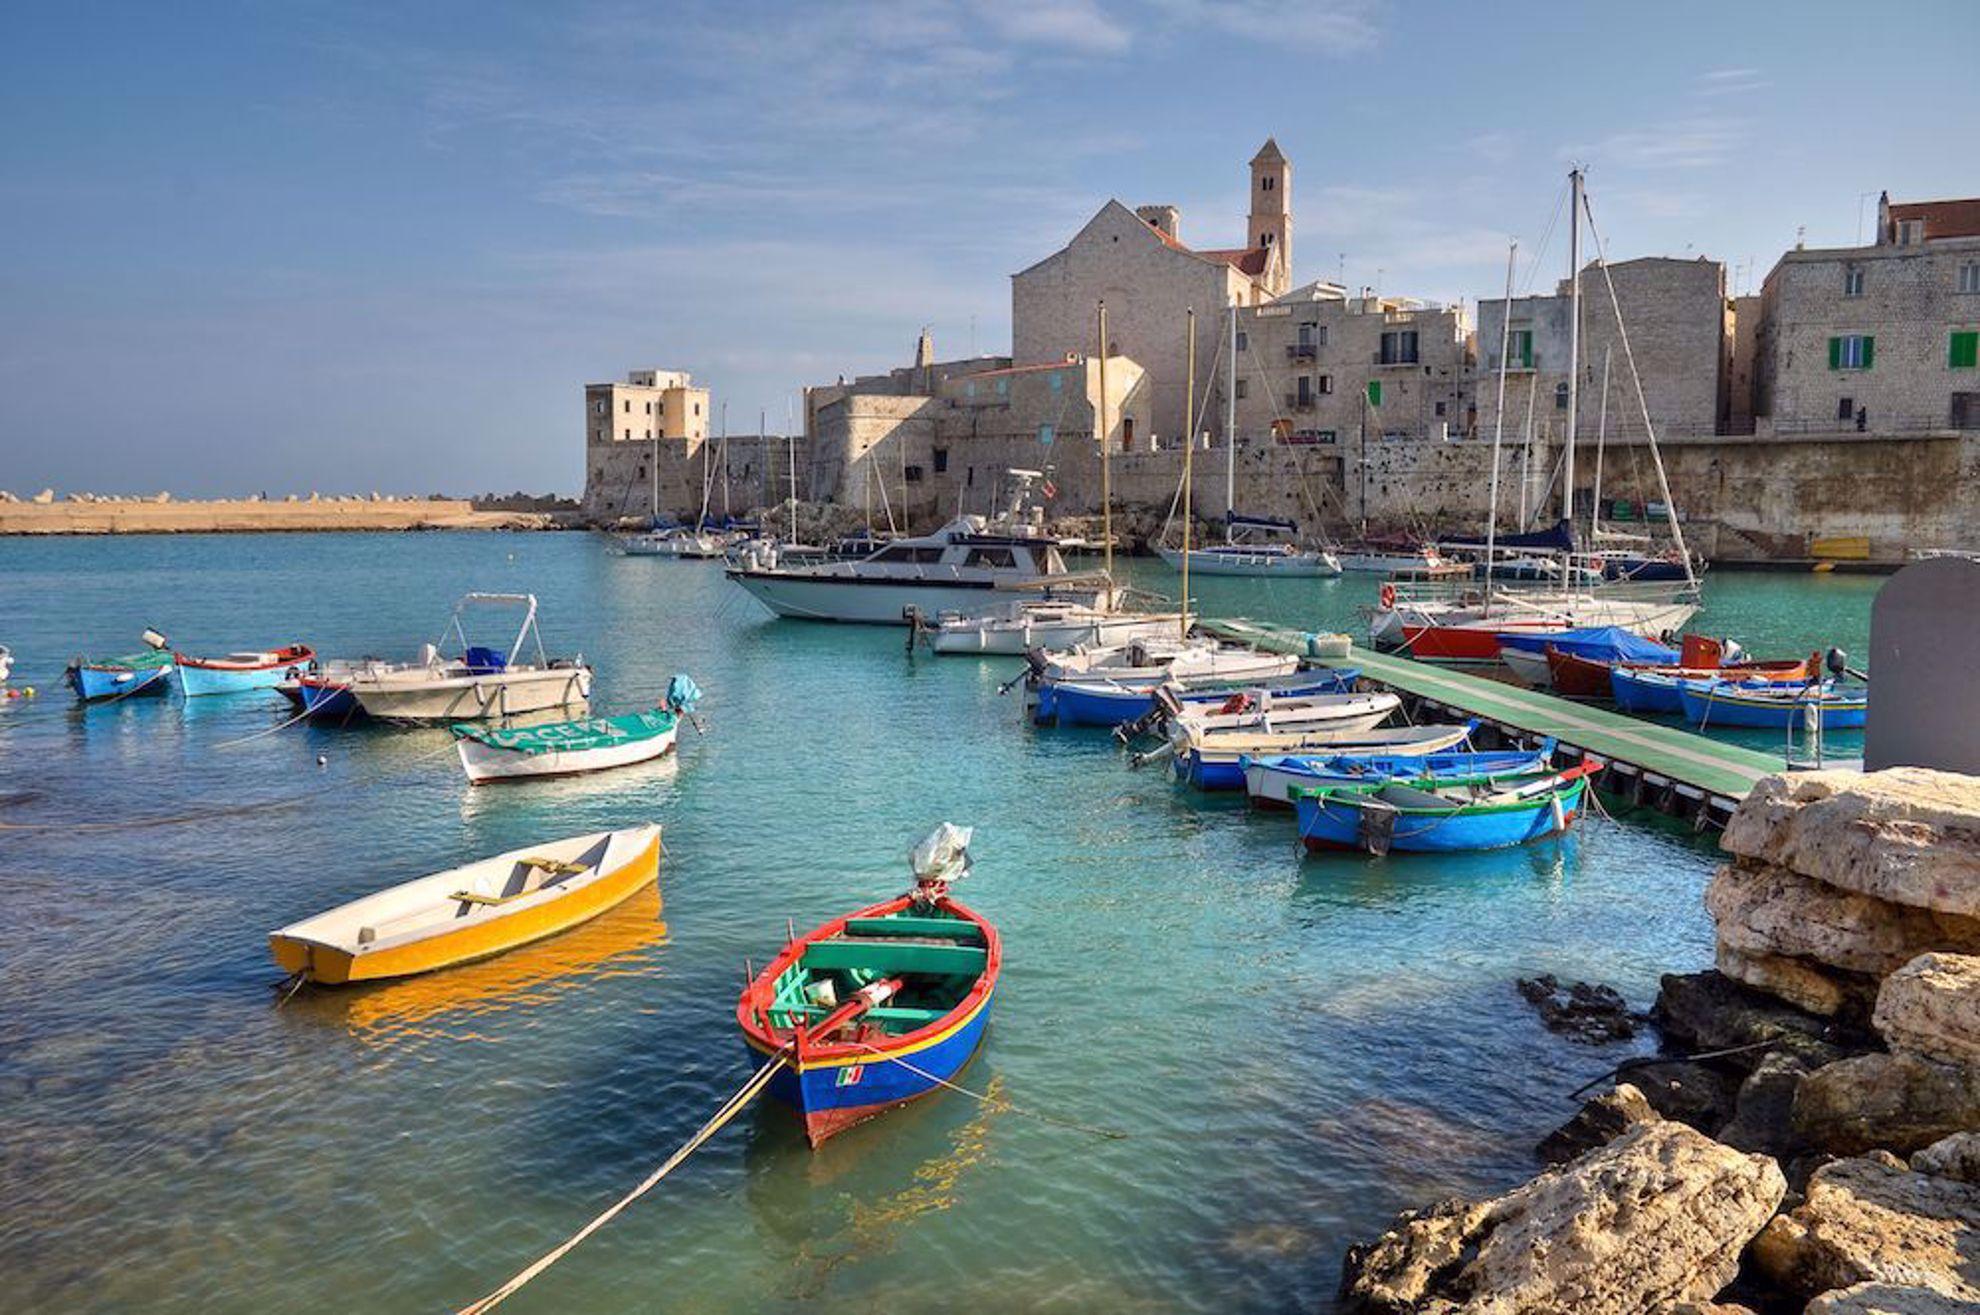 Harbor in Puglia